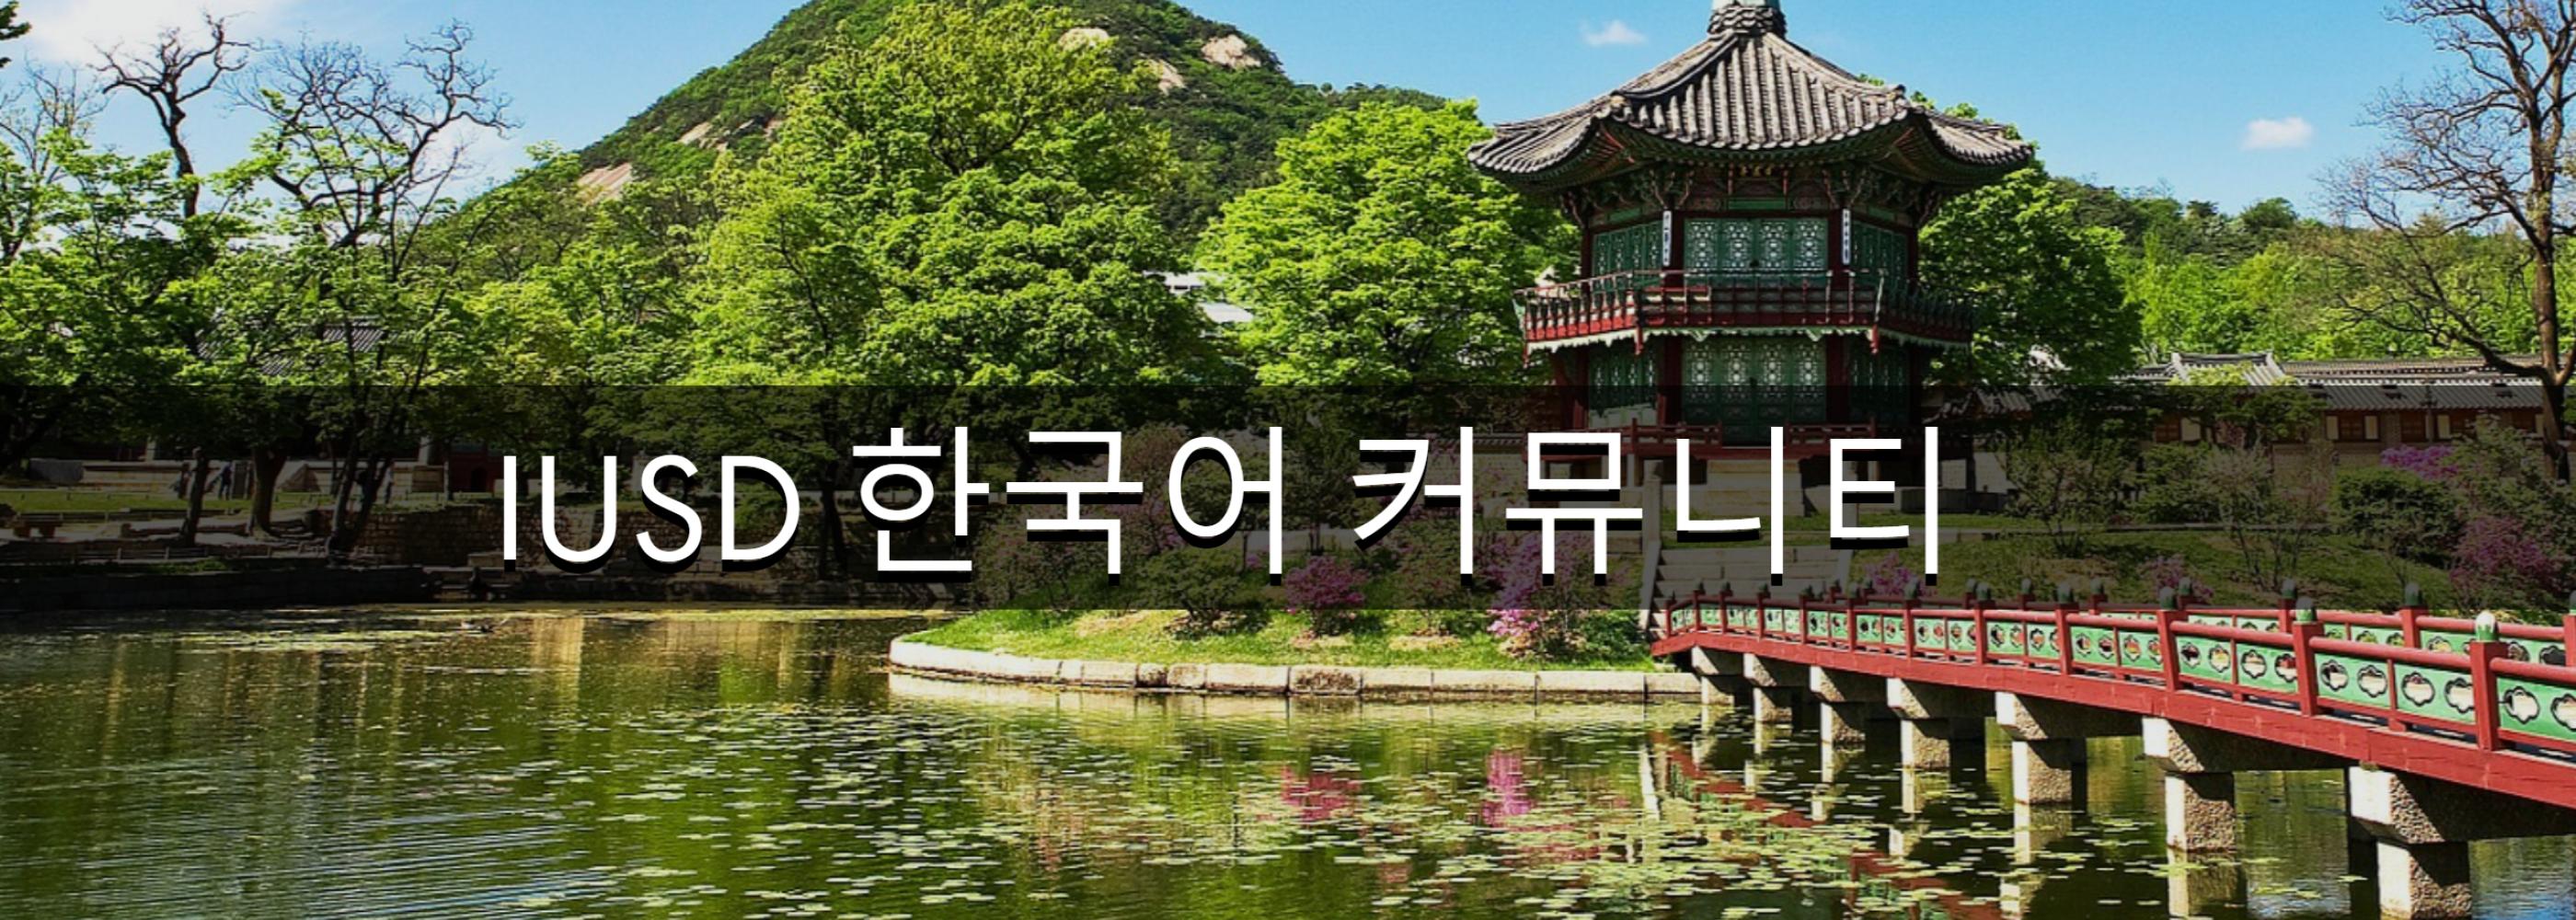 Korean Homepage Image